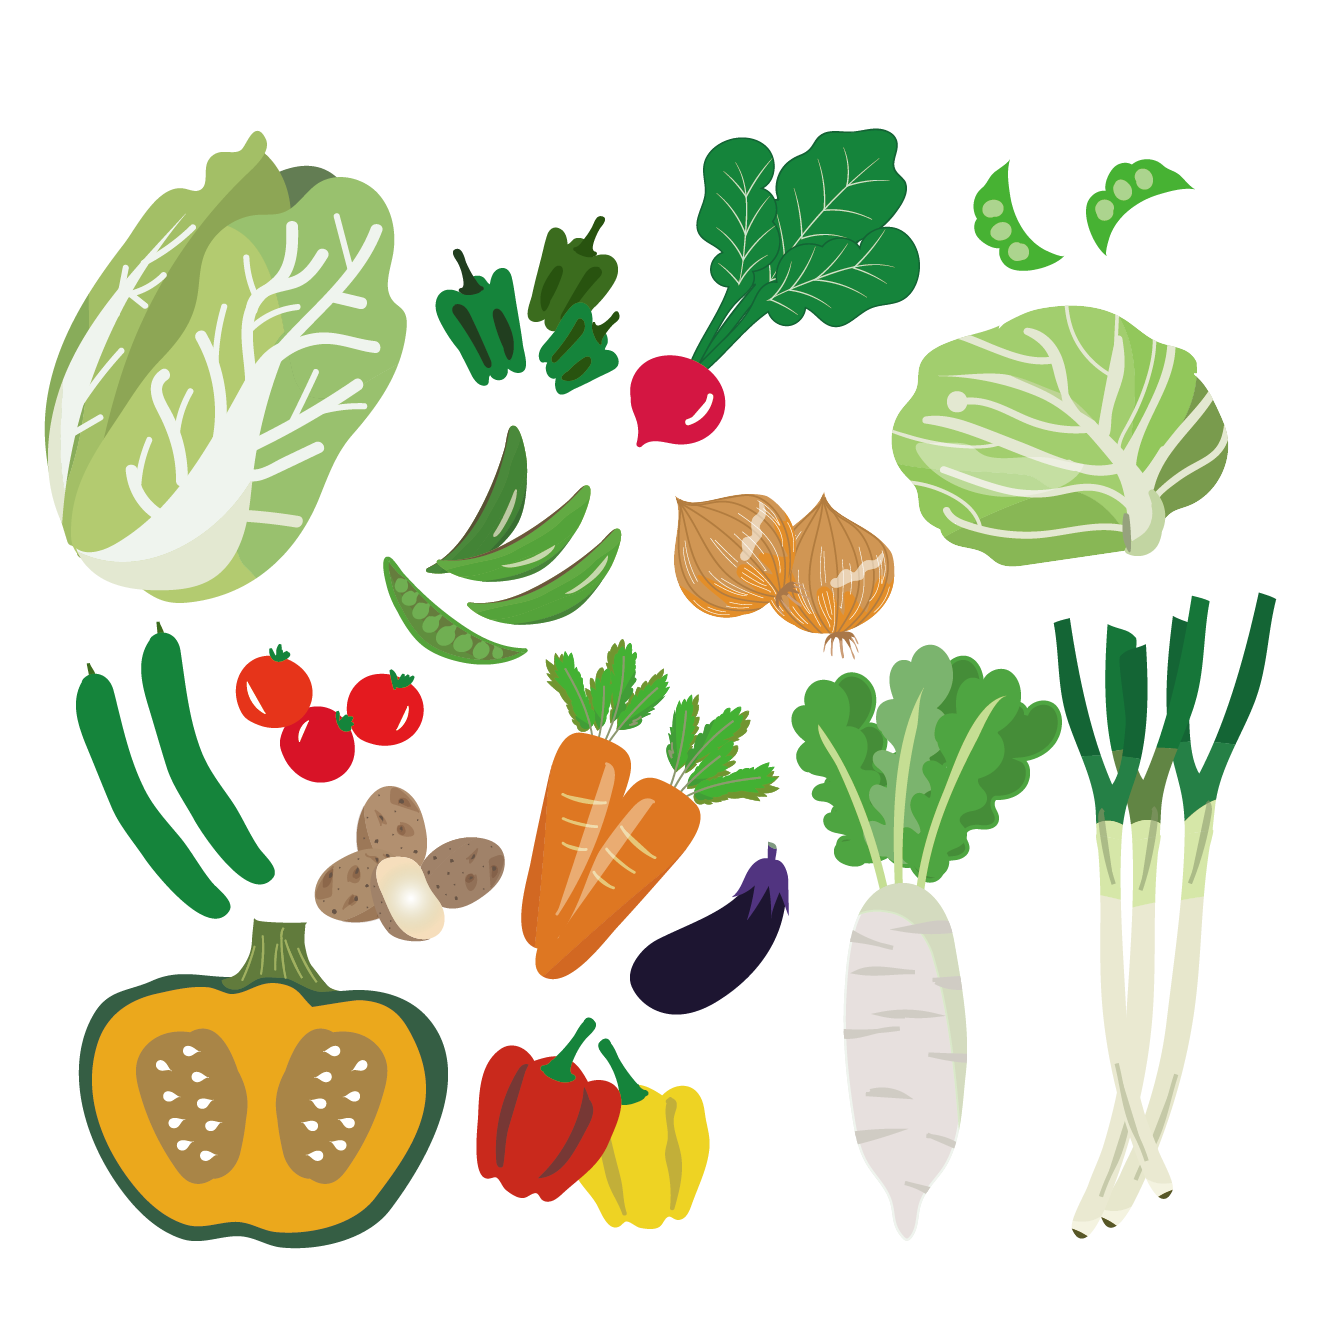 野菜 イラスト!みんな集合♪野菜まとめ | 商用フリー(無料)のイラスト